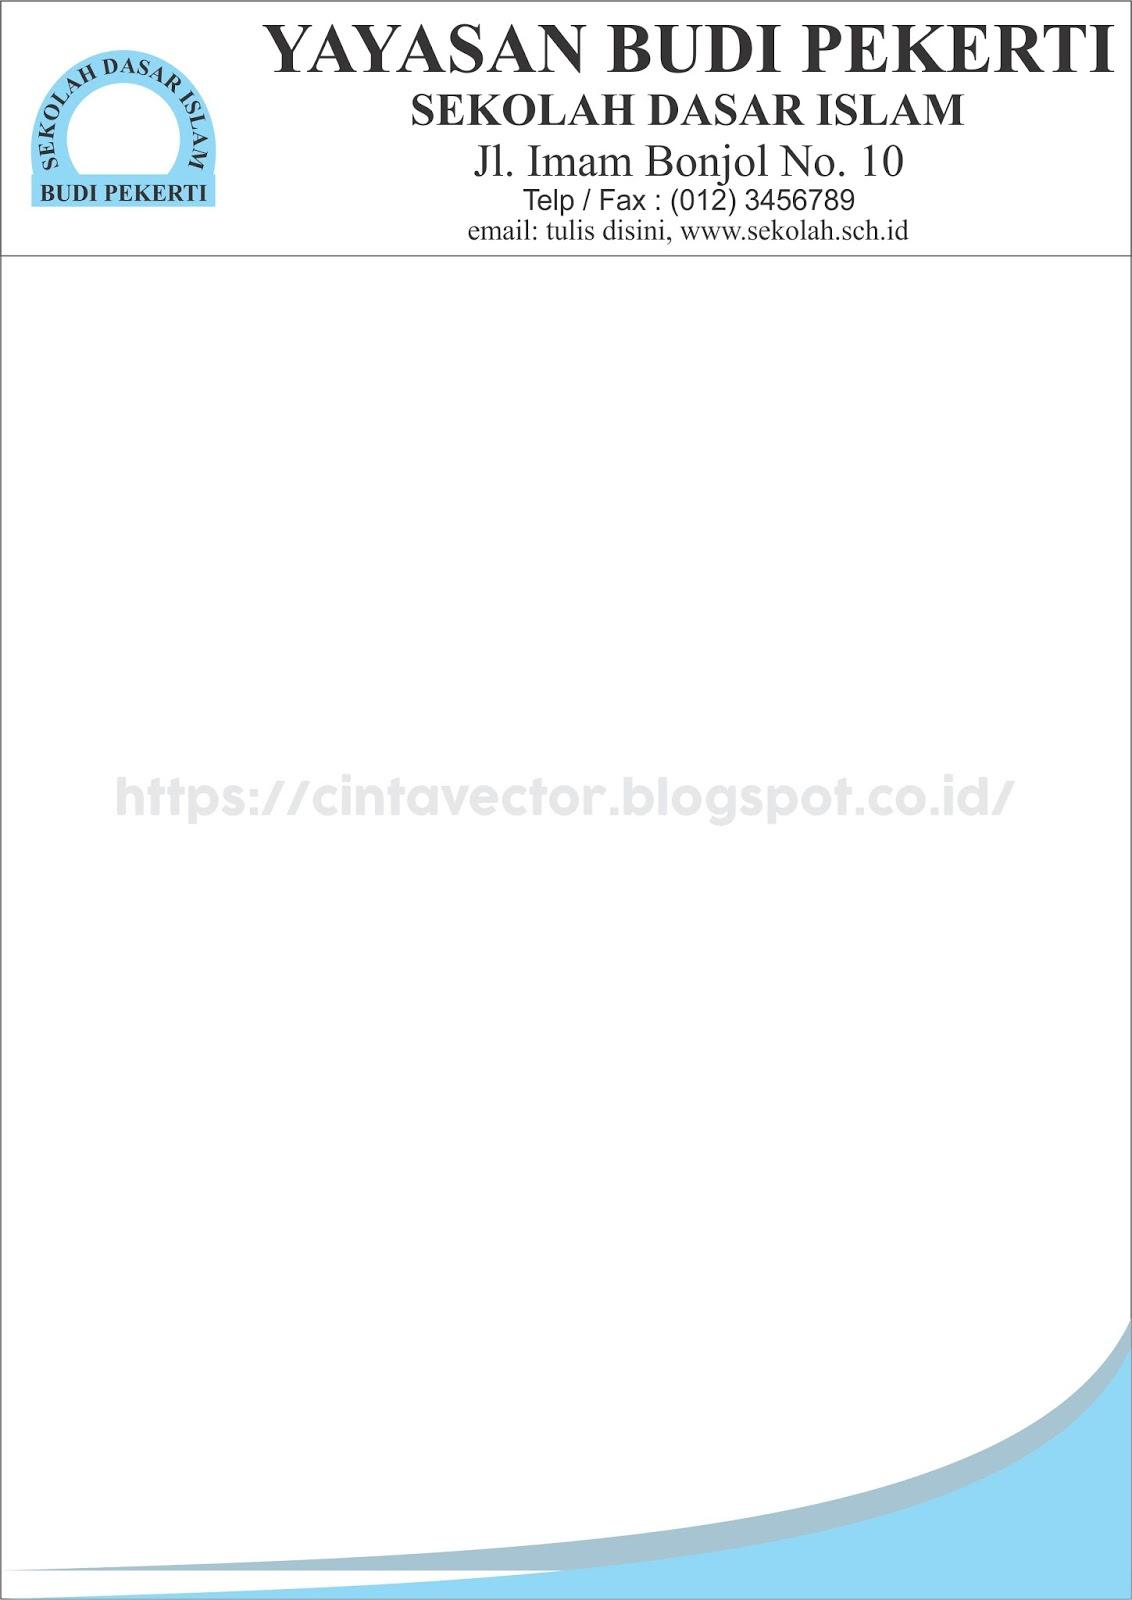 Contoh Kop Surat Yayasan Si Kuncunk